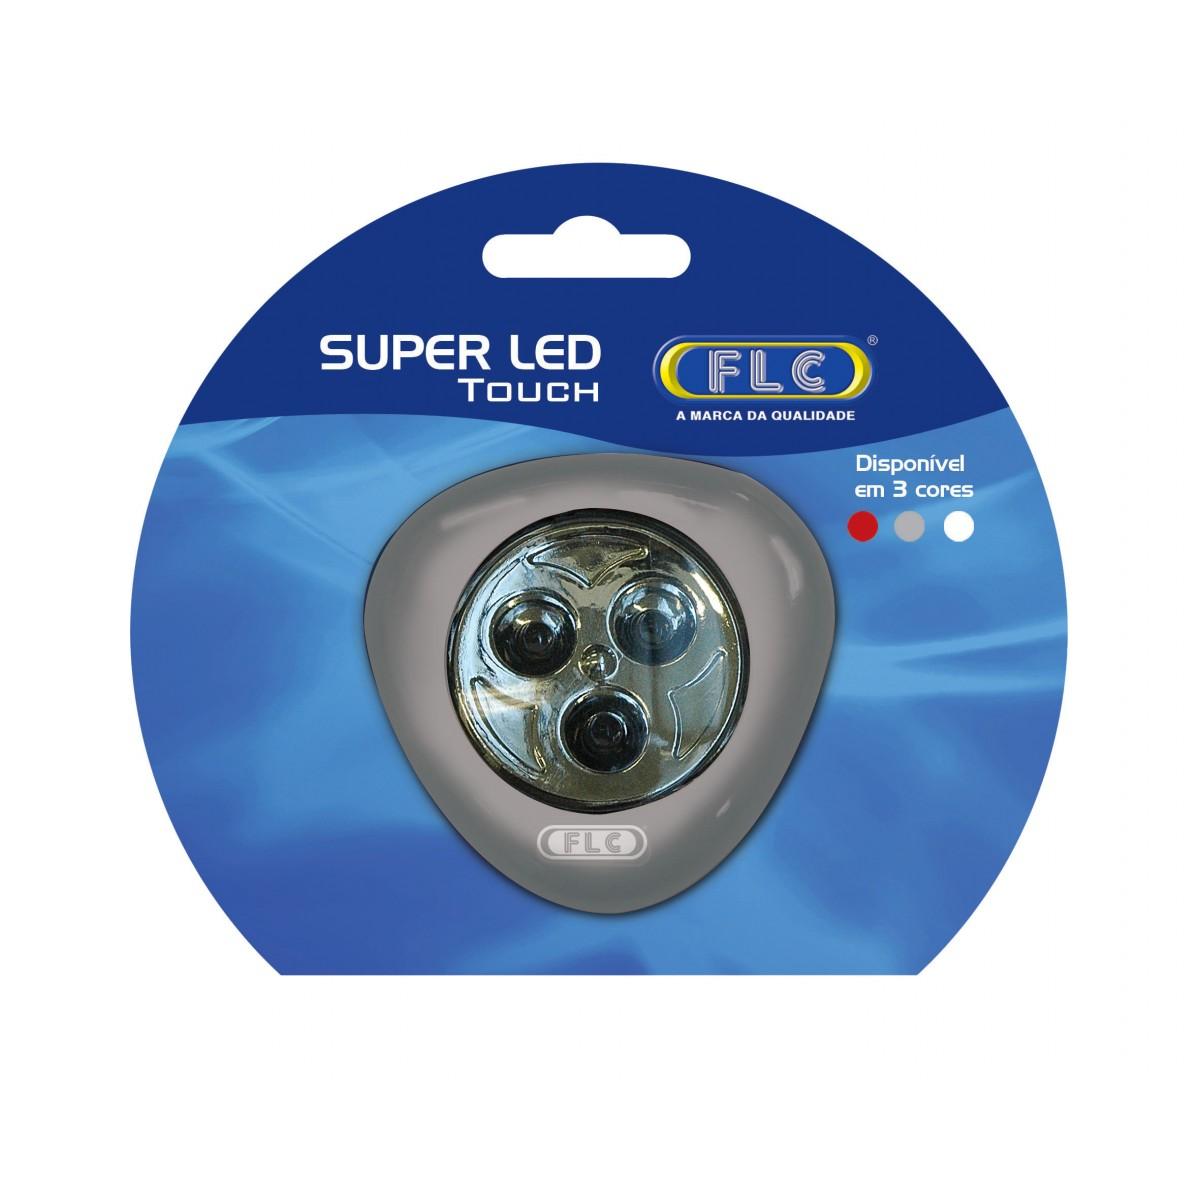 Luminária Super LED Touch 3 LEDs - (Led Click)